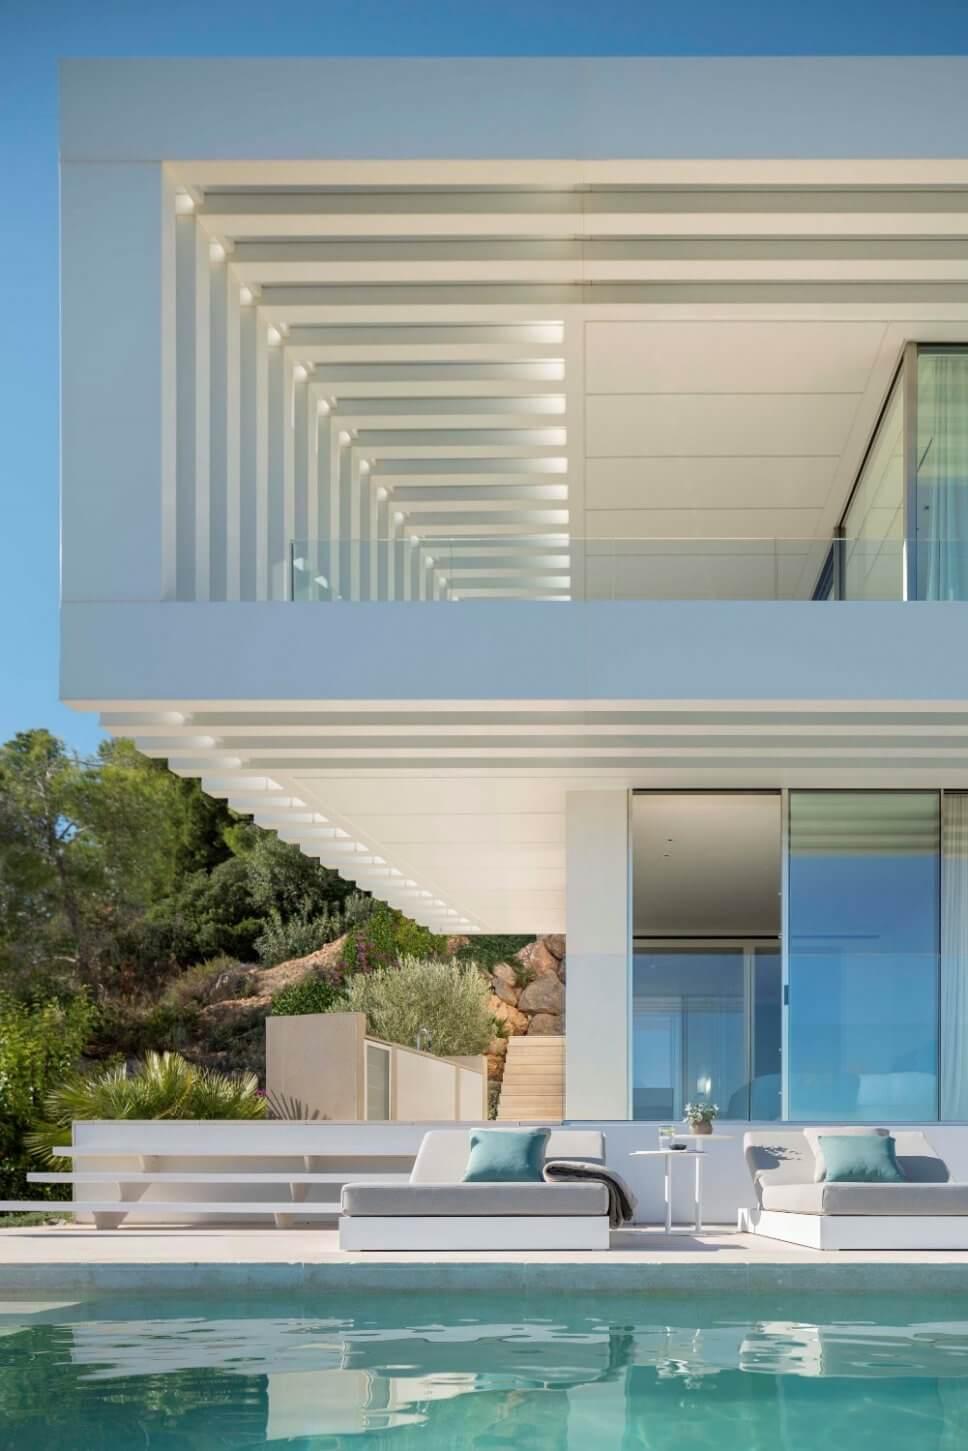 Terrasse mit zwei Liegen am Pool in moderner Villa